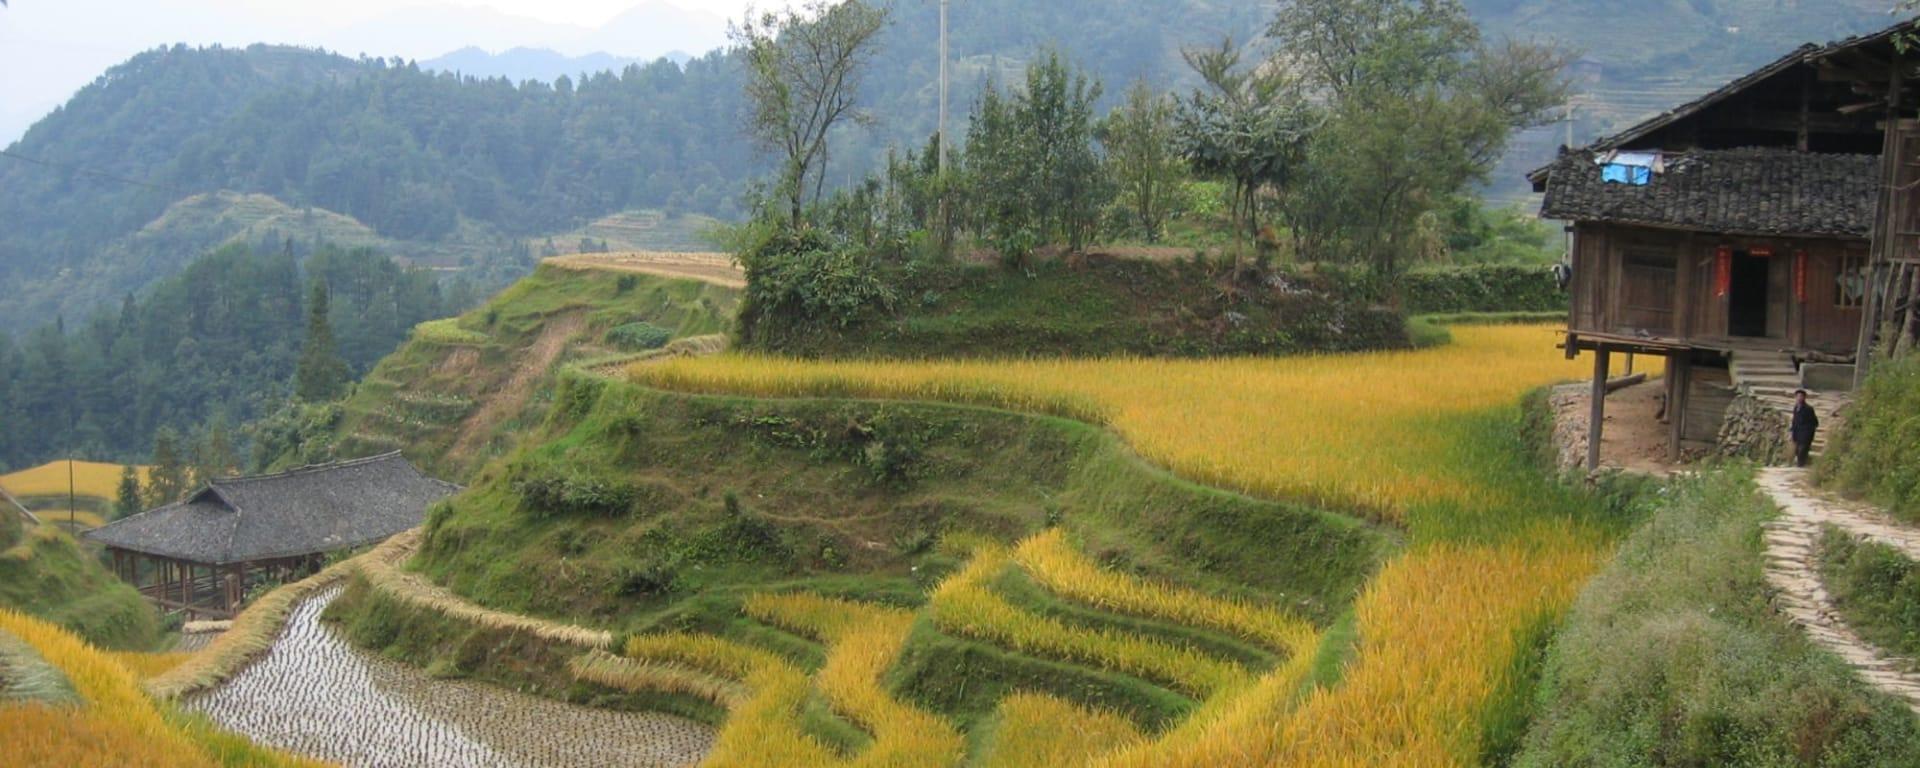 Rizières du cieletreliefs étranges de Guilin: Longsheng: small village